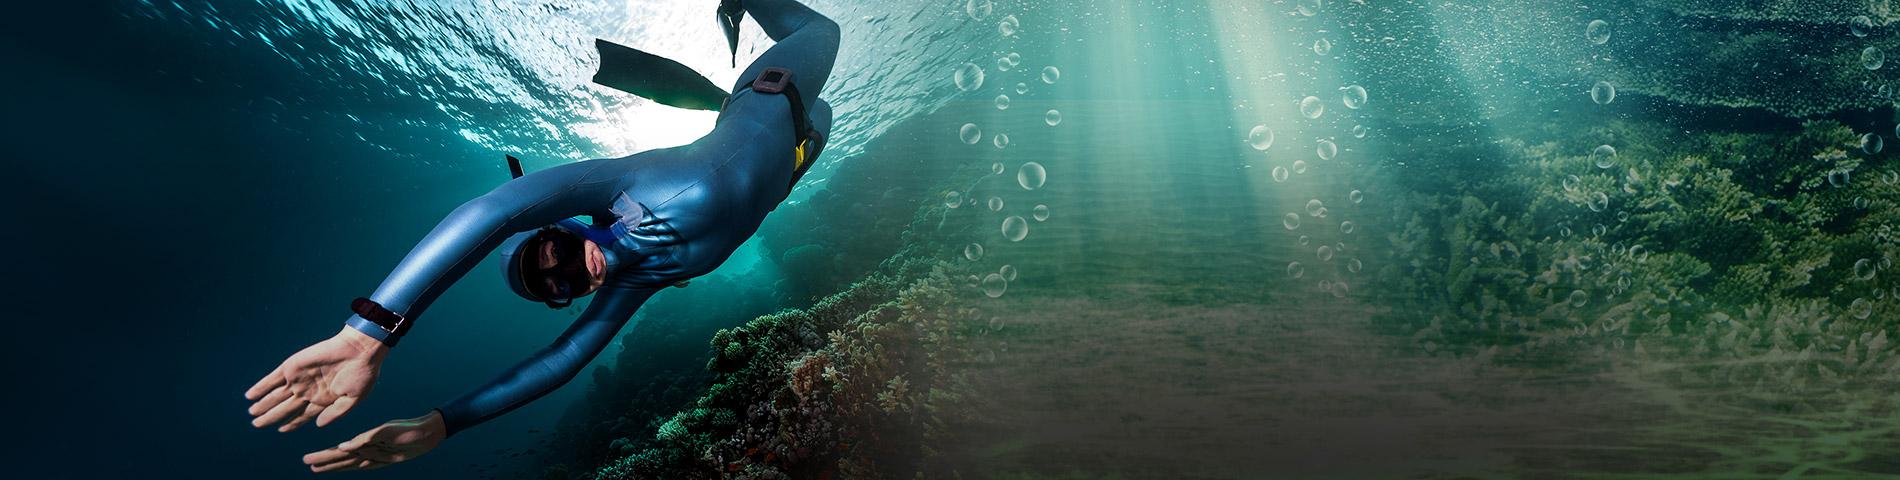 Bảo vệ tốt nhất VẬT LIỆU BỌT Bọt biển cao su, Bọt biển ô kín